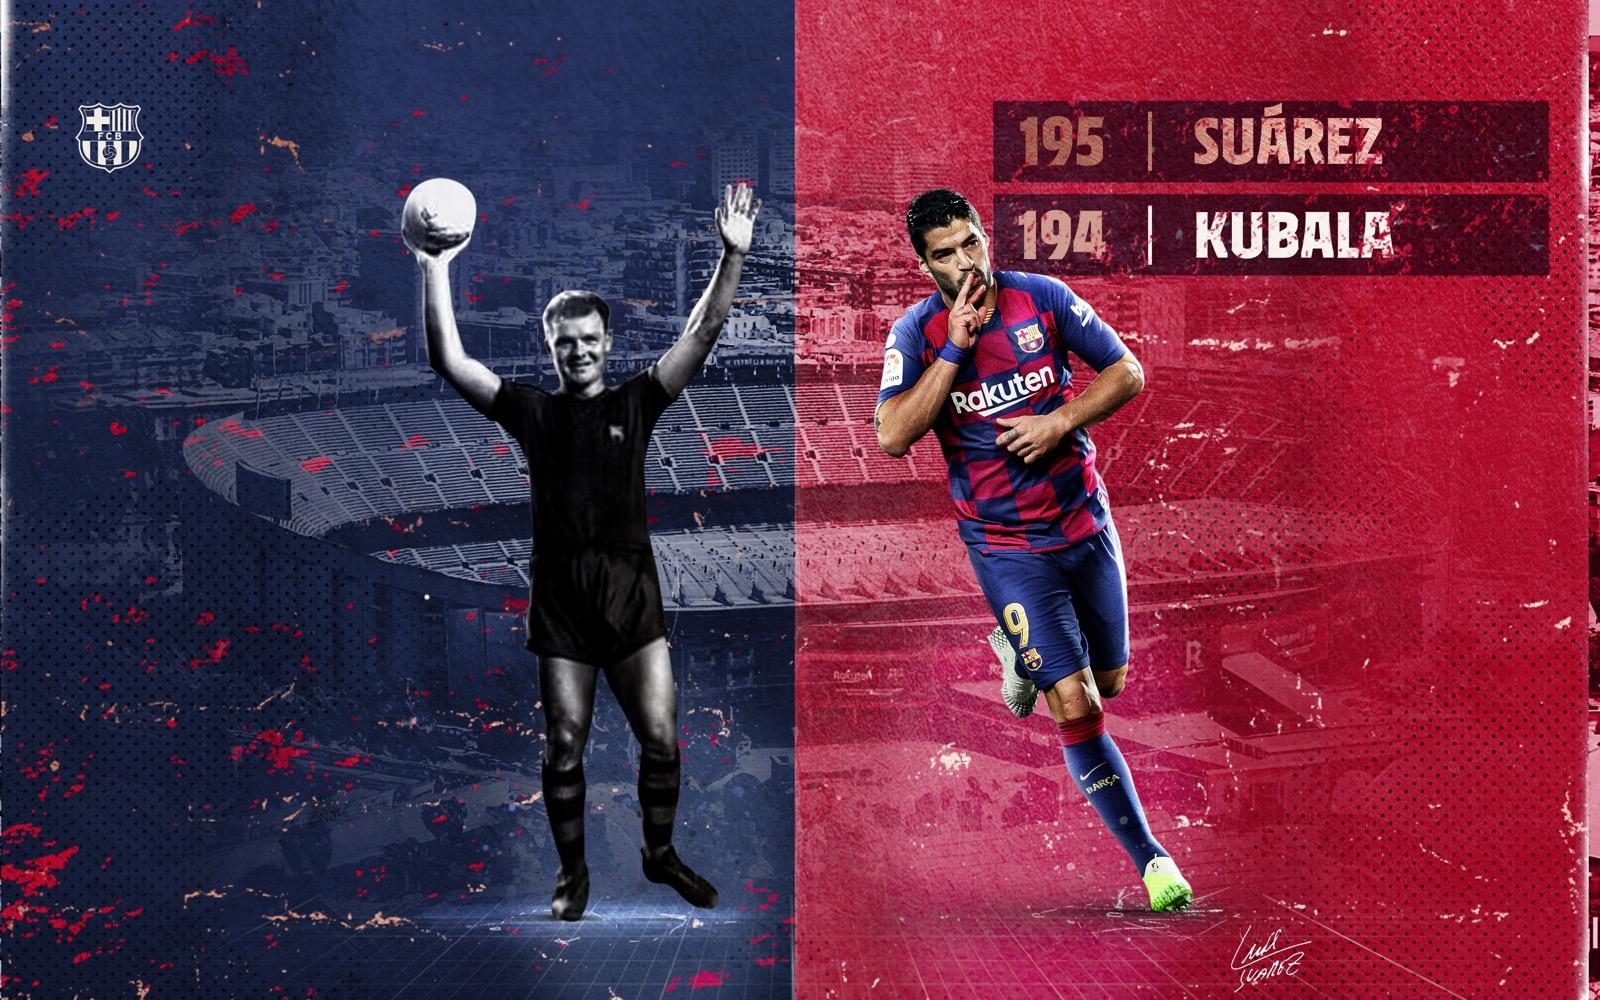 Luis Suárez vượt qua Kubala